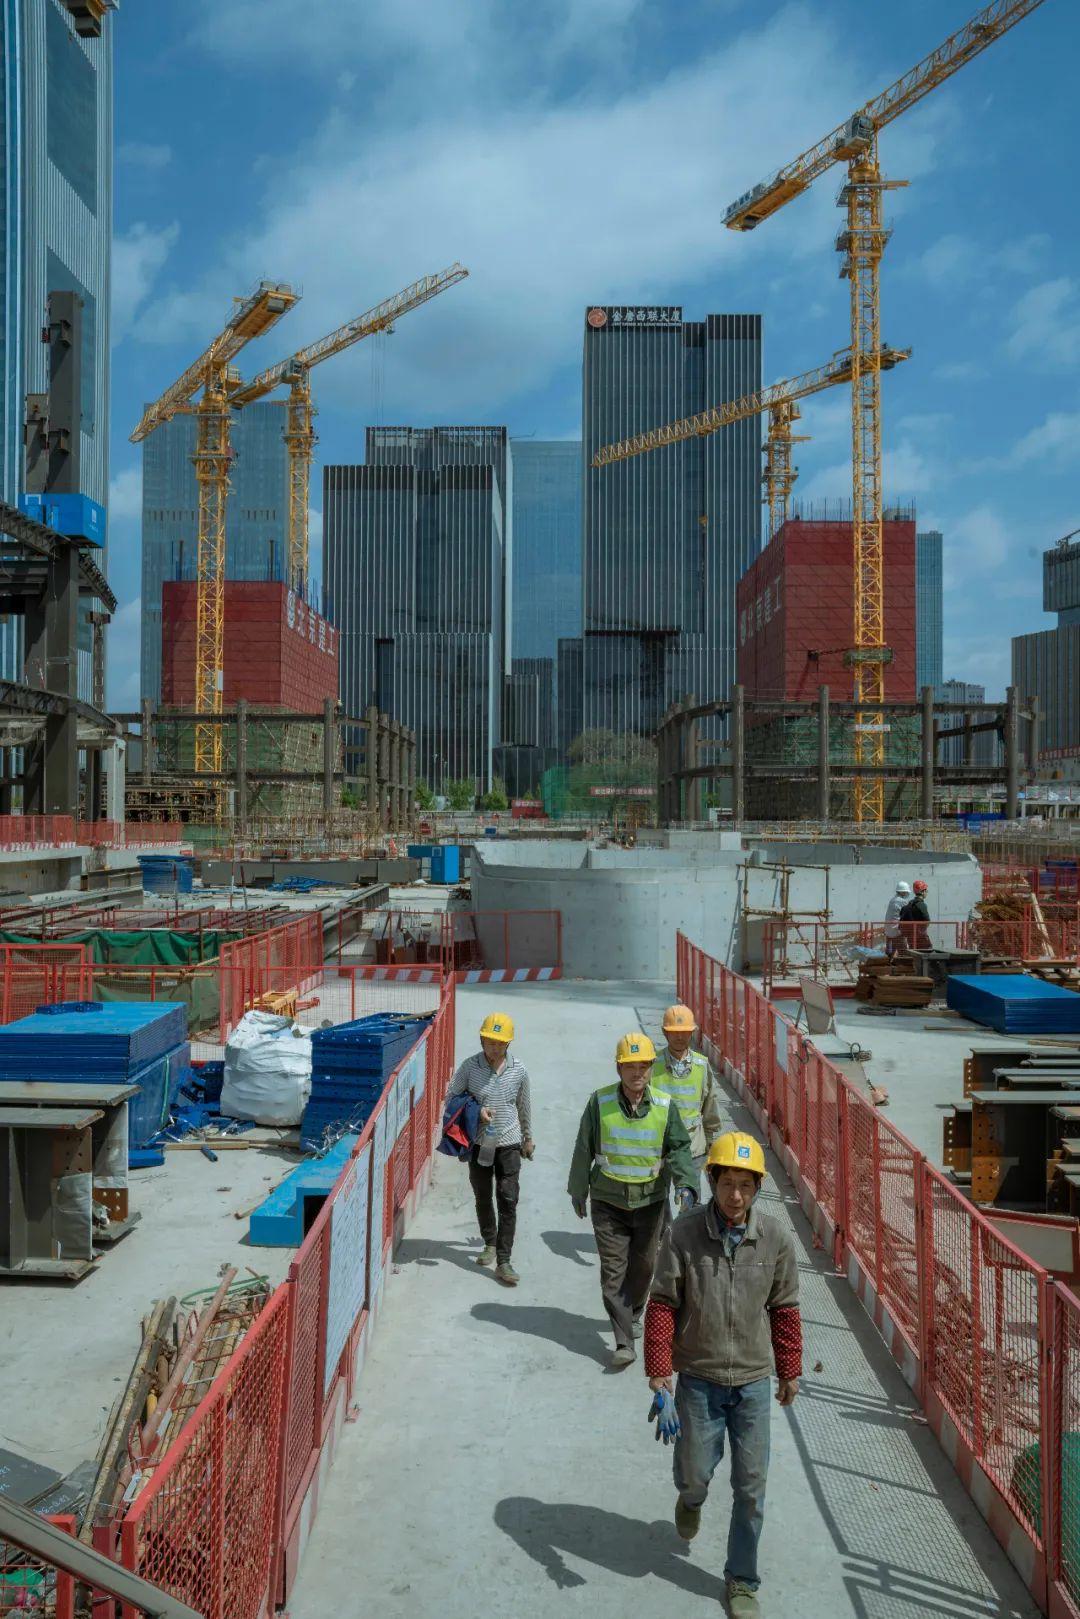 中国的城市建设离不开这些建筑工人